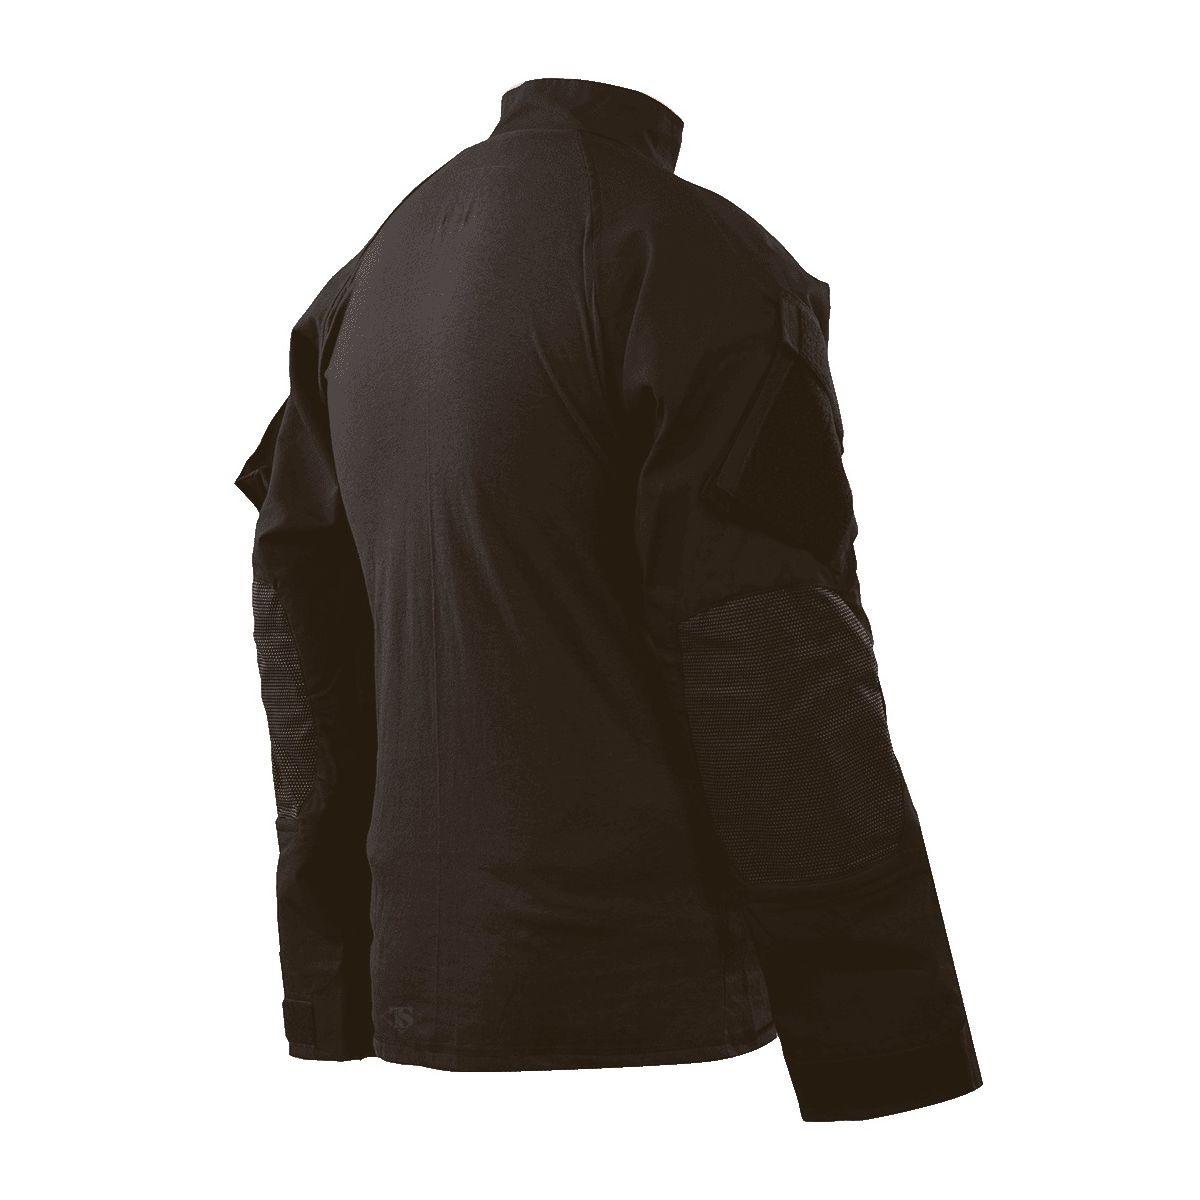 Košile taktická COMBAT TRU XTREME rip-stop ČERNÁ TRU-SPEC 25720 L-11